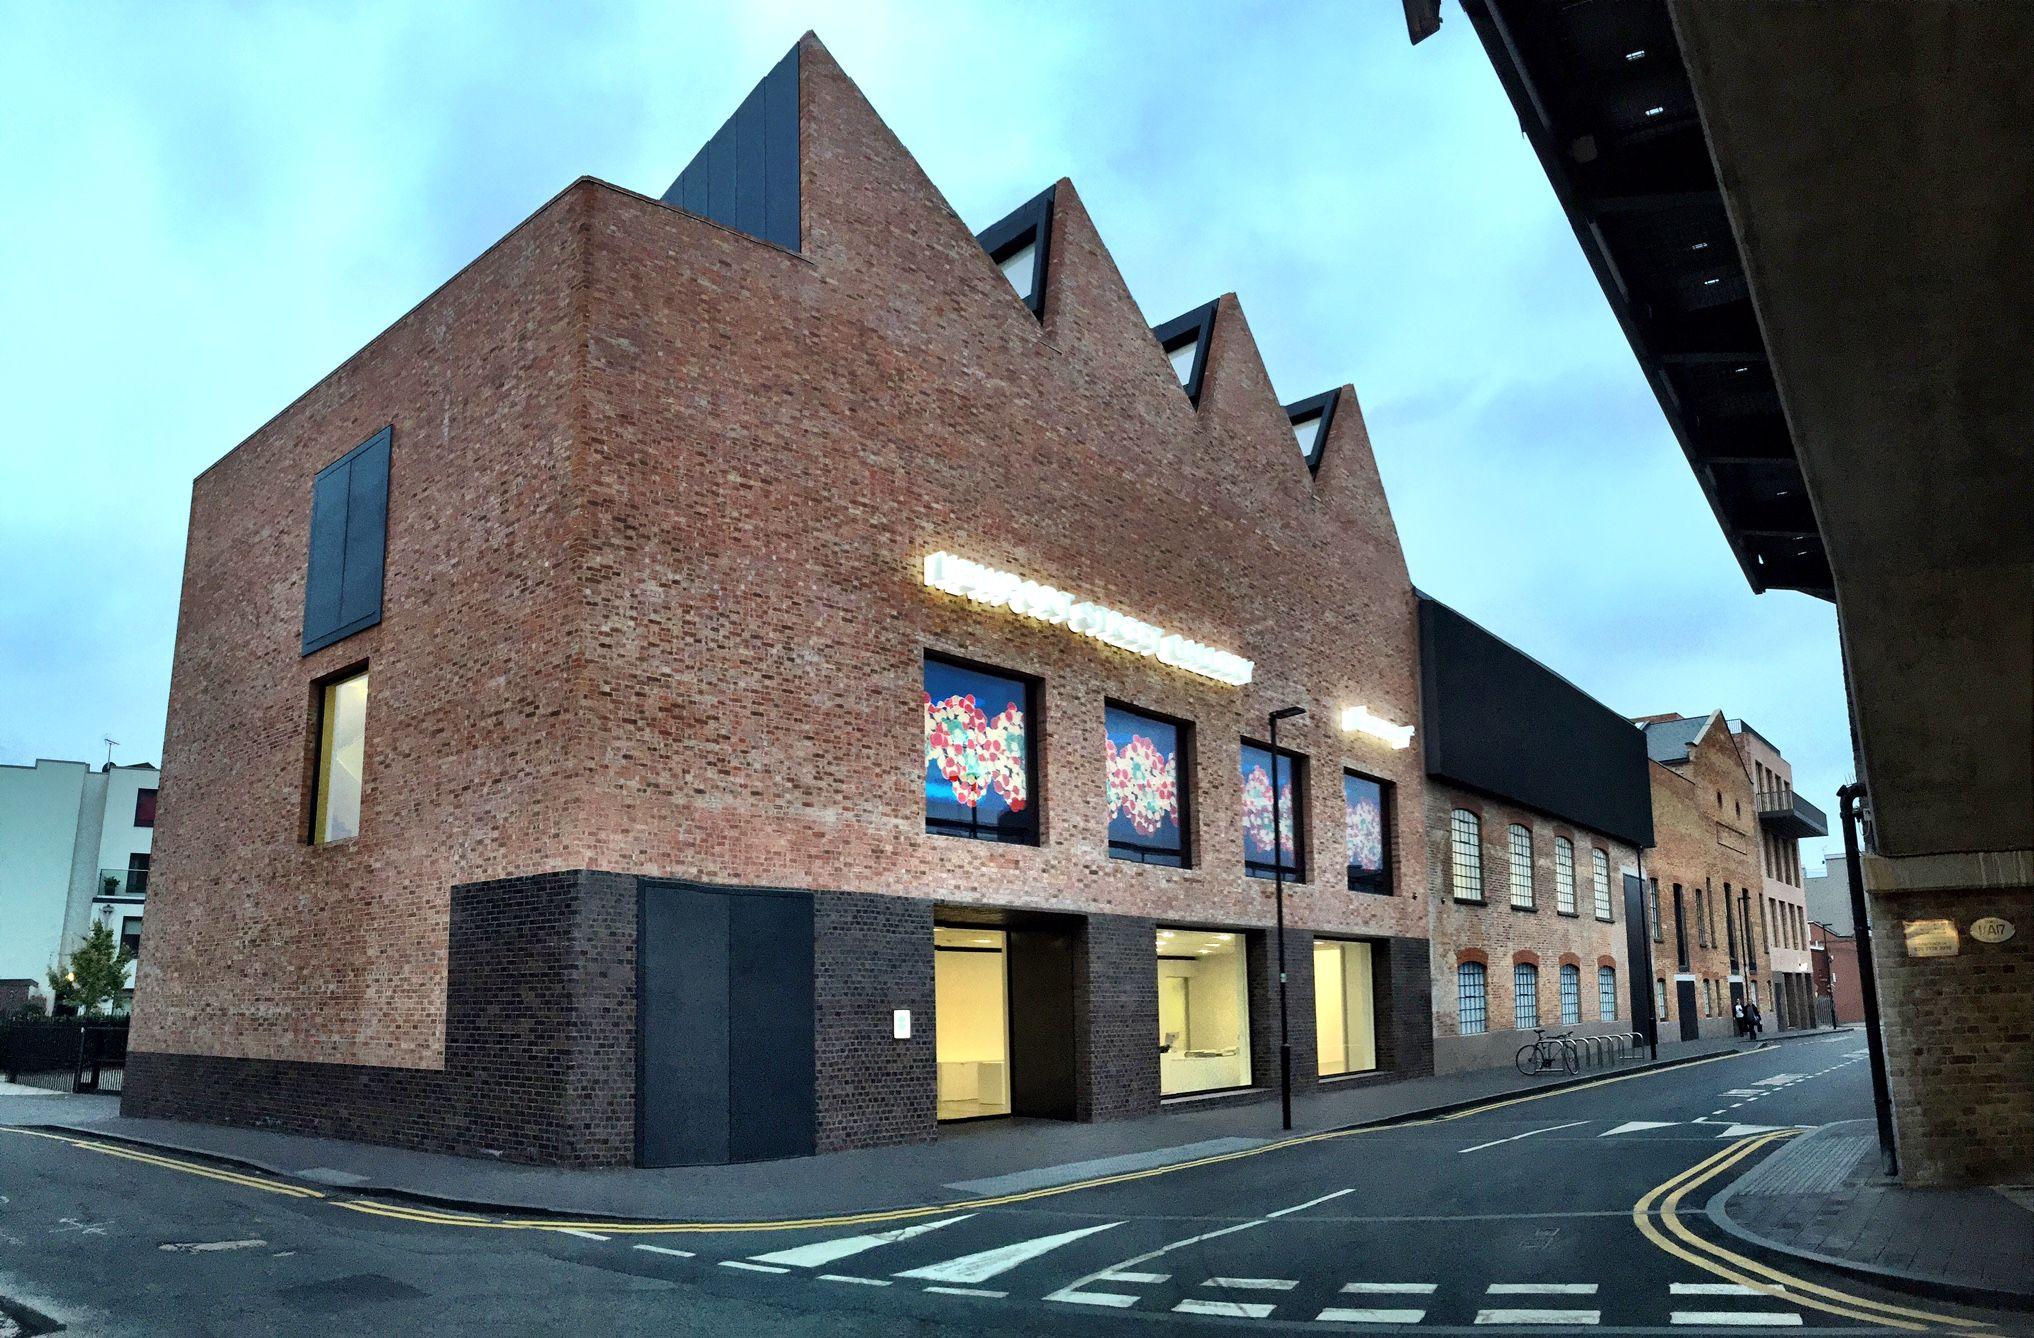 newport street gallery london Sök på Google Newport